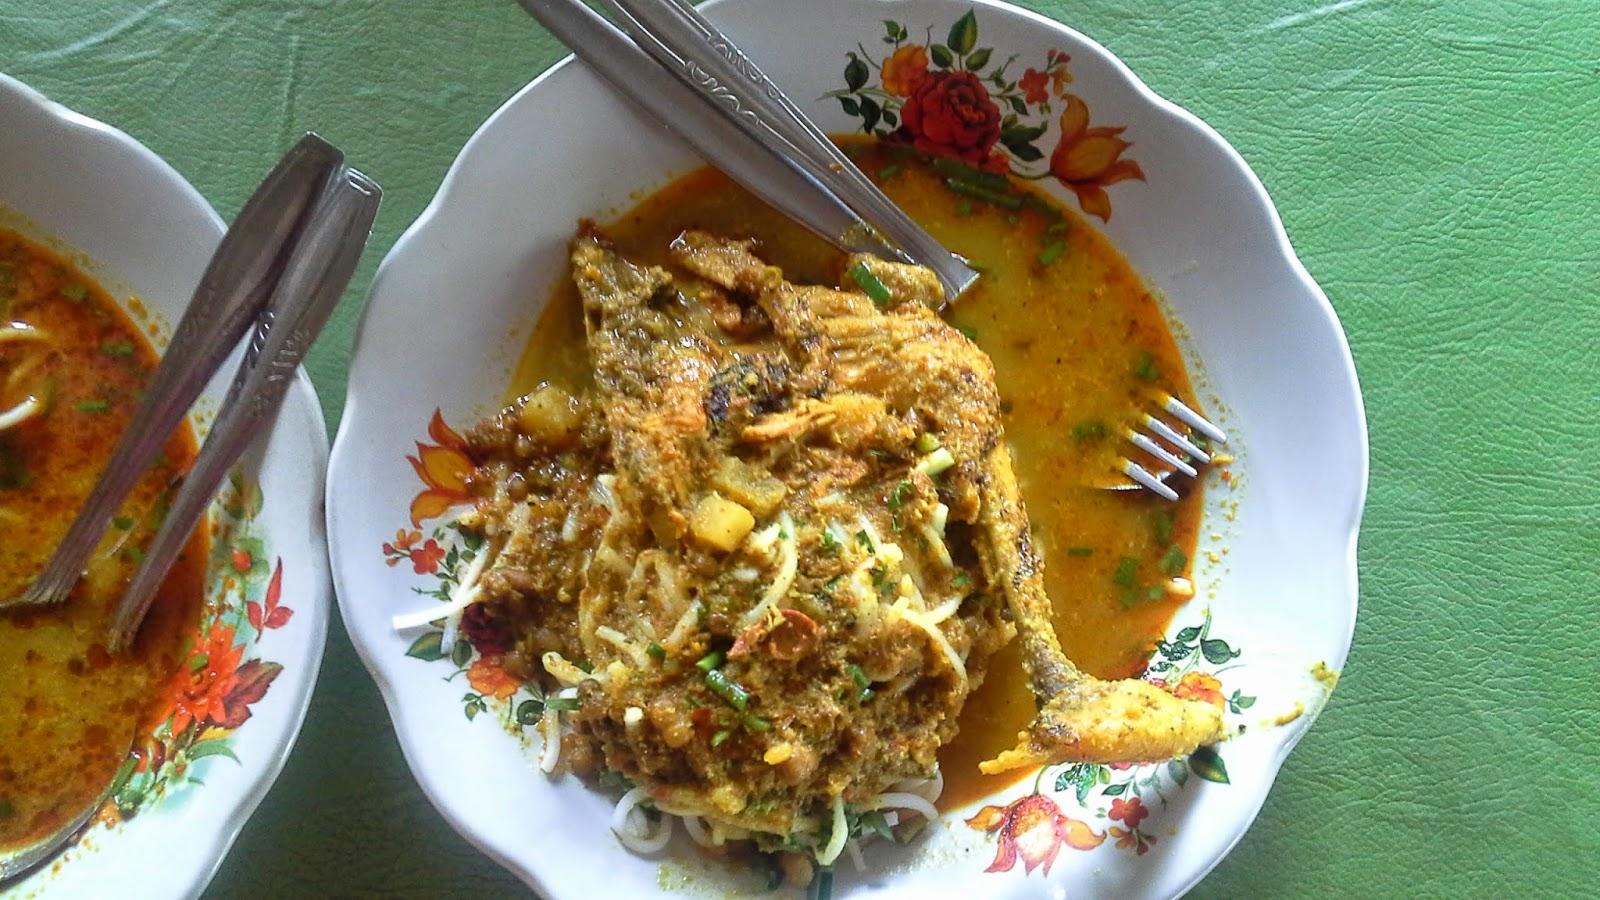 Visit Tangerang November 2014 Makanan Khas Legendaris Dikalangan Masyarakat Kota